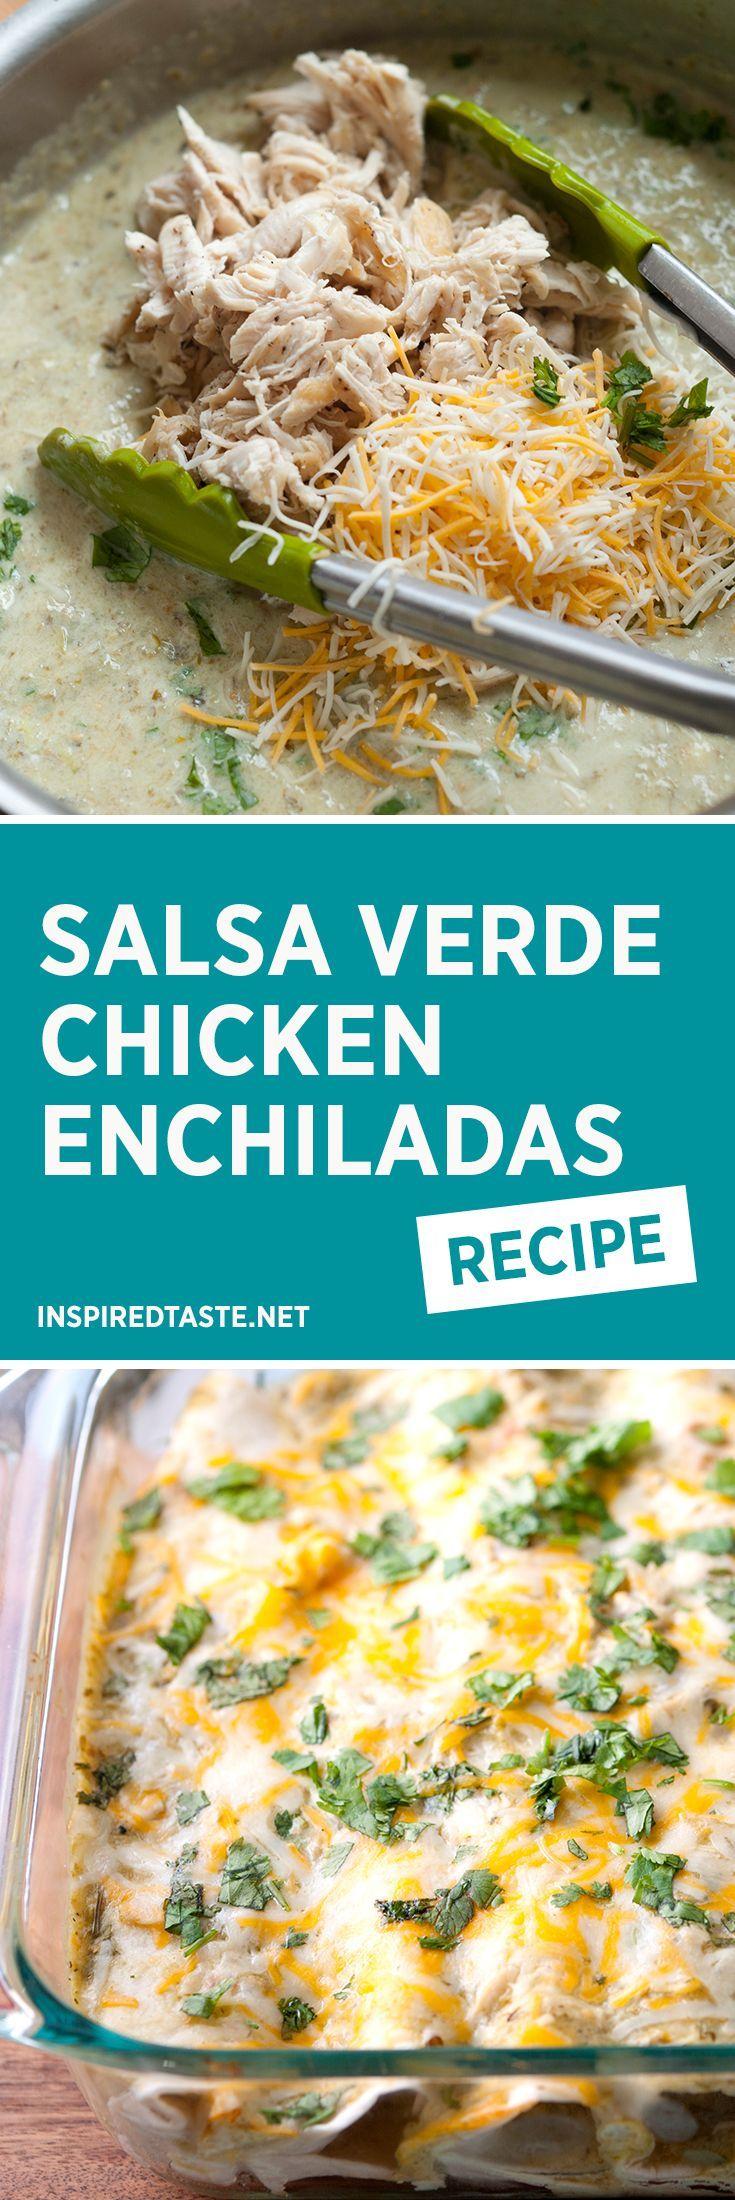 ... Chicken Enchiladas Verde, Enchiladas and Rotisserie Chicken Enchiladas